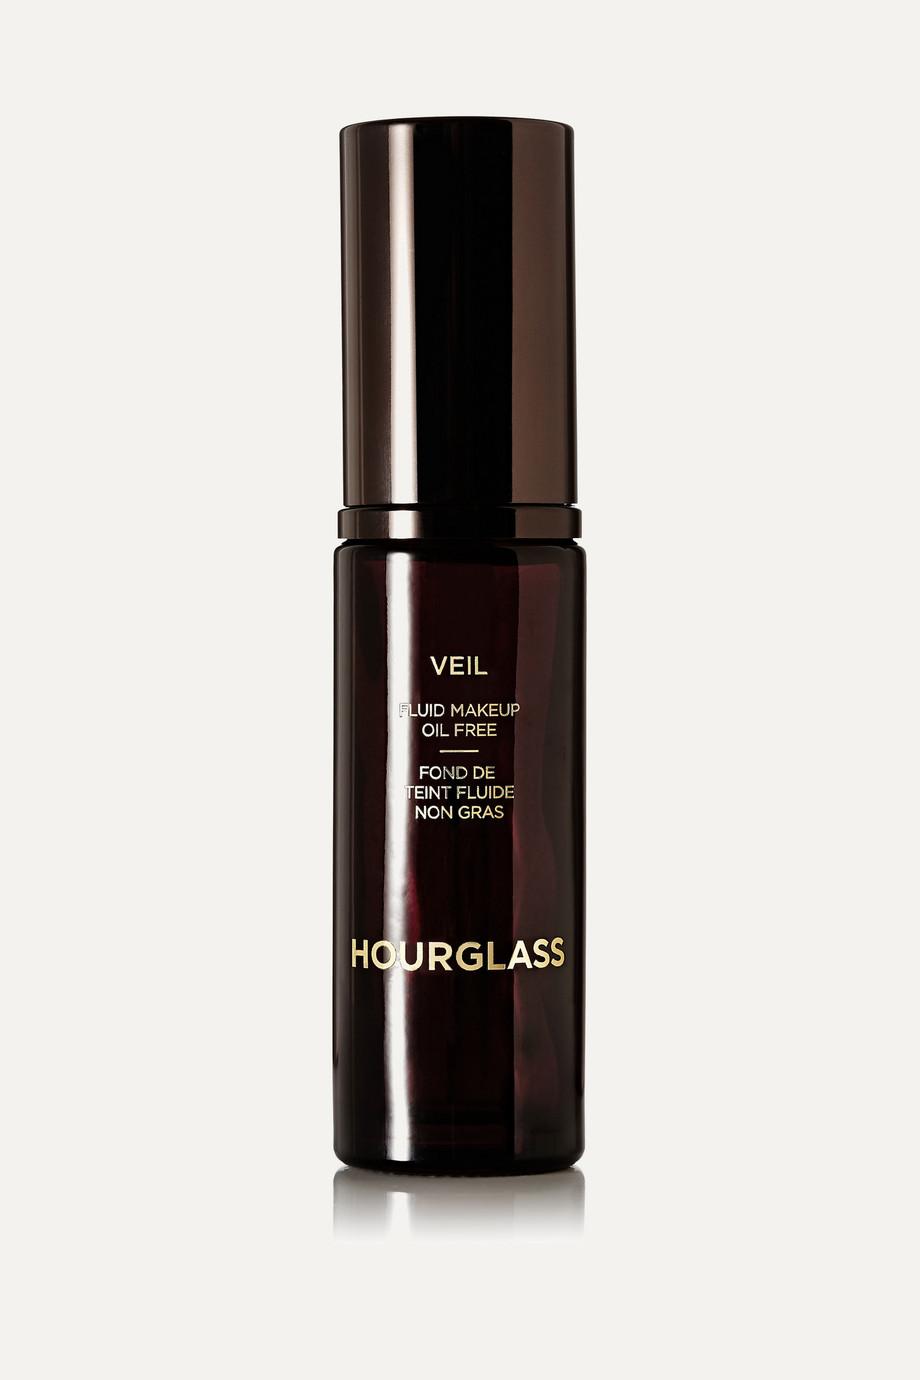 Hourglass Veil Fluid MakeUp No 4 - Beige 30ml